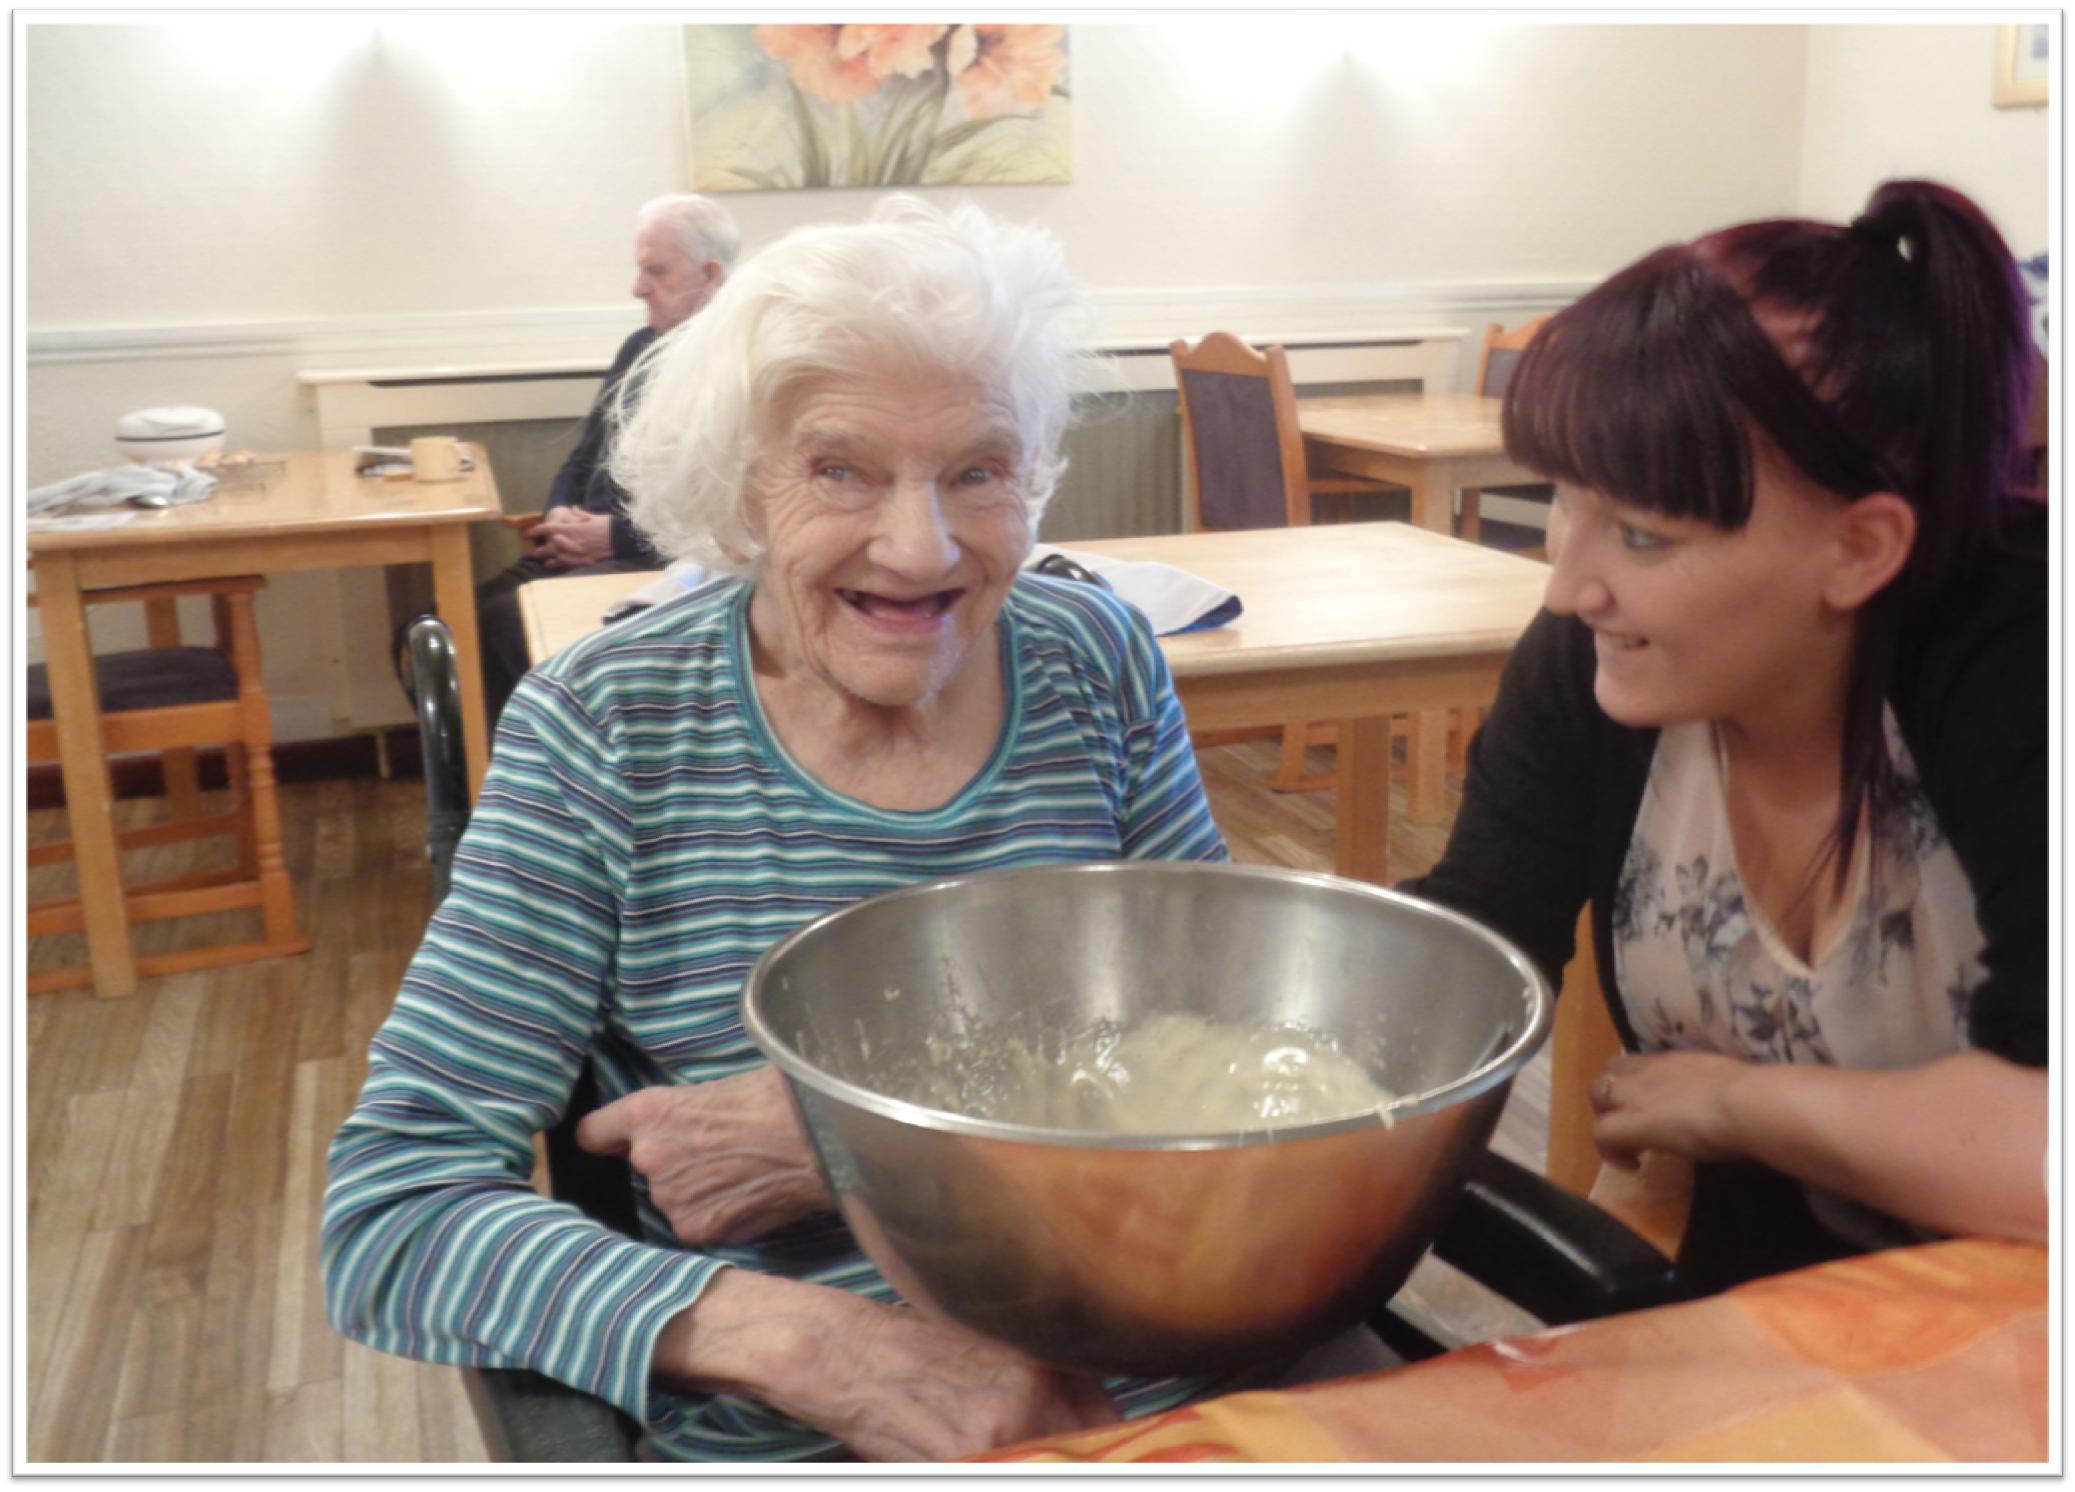 Lady enjoying baking a cake